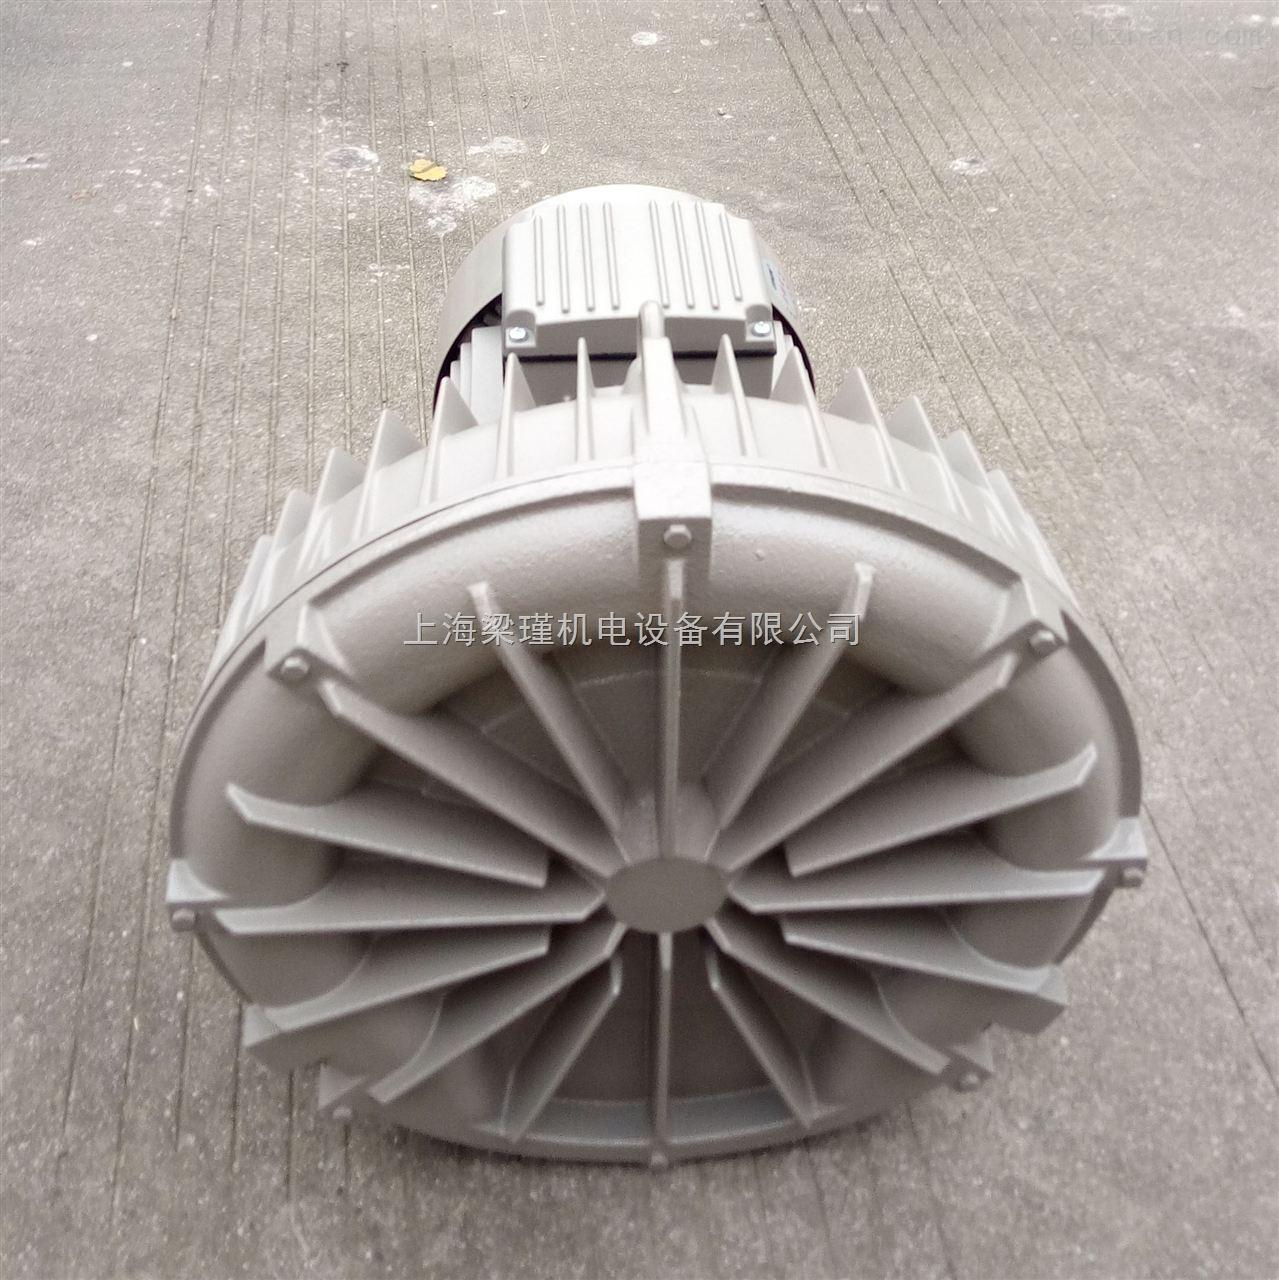 原装VFZ601A-4Z富士鼓风机价格